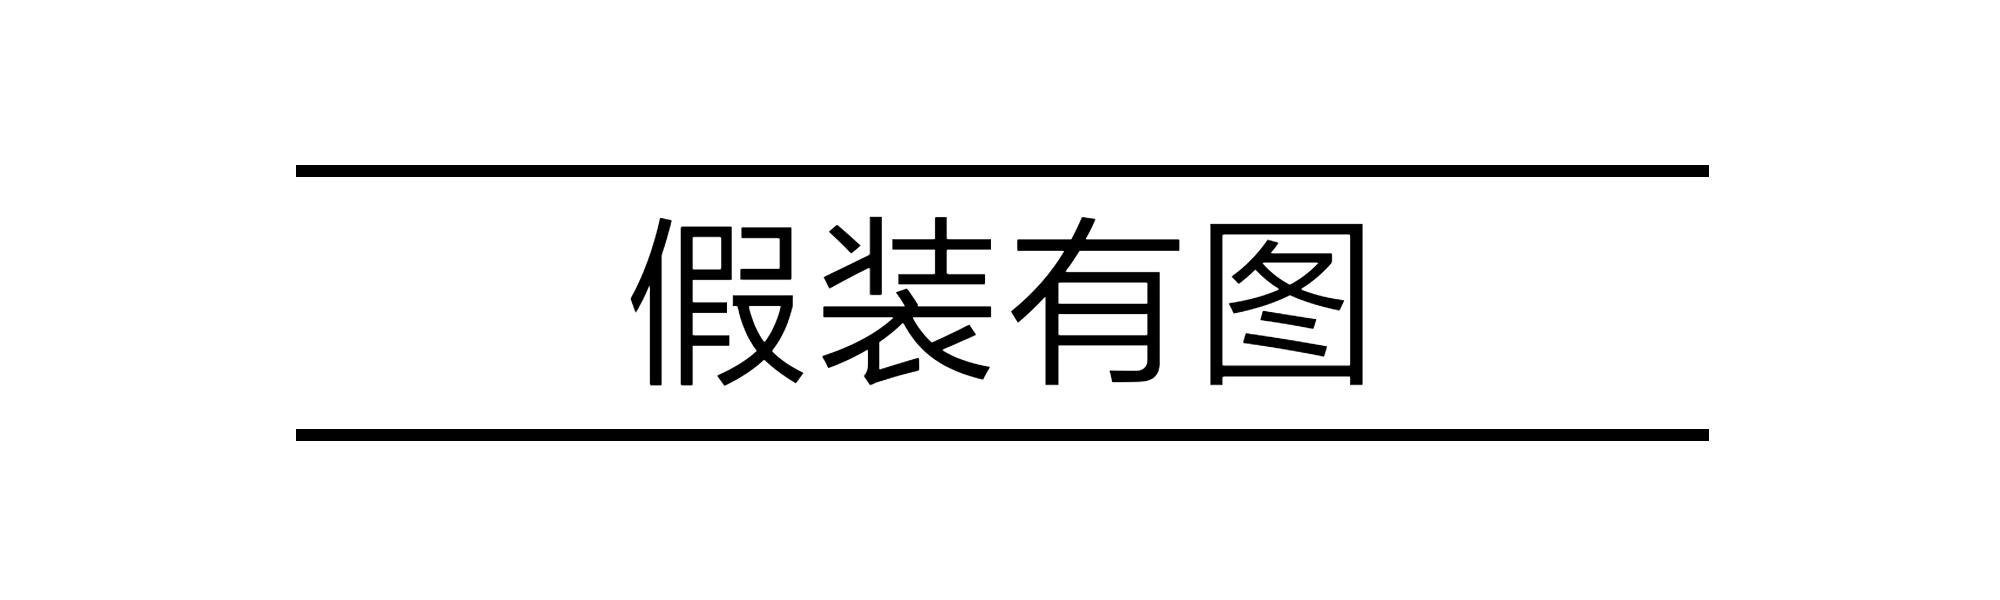 安卓QQ音乐刷听歌排行榜软件